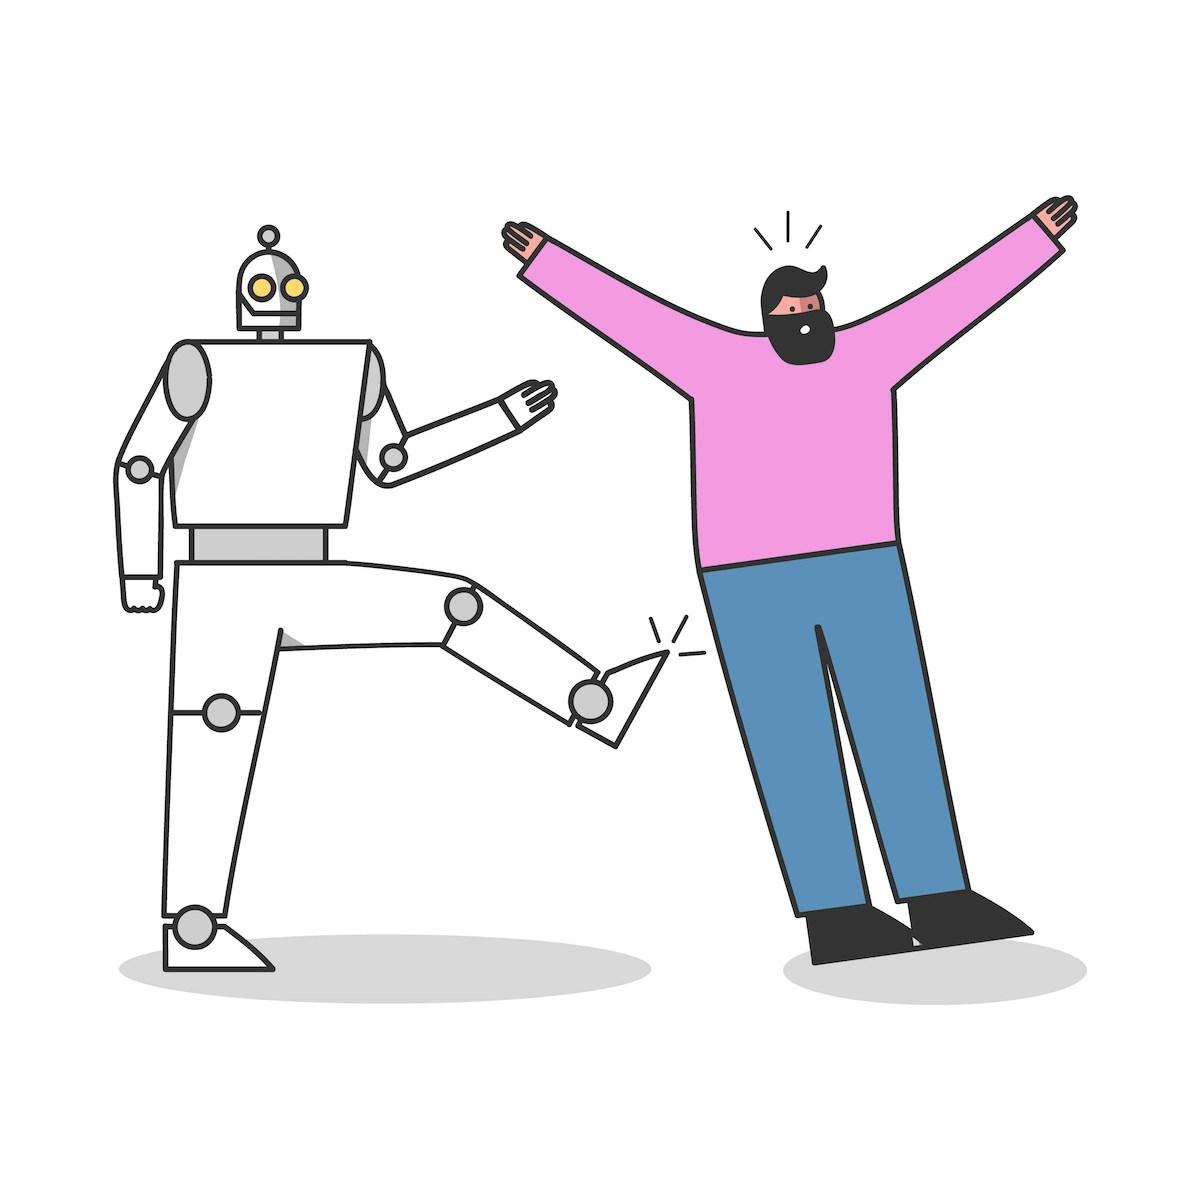 Trabajador robótico patea a un profesional humano. Concepto adquirir conciencia inteligencia artificial